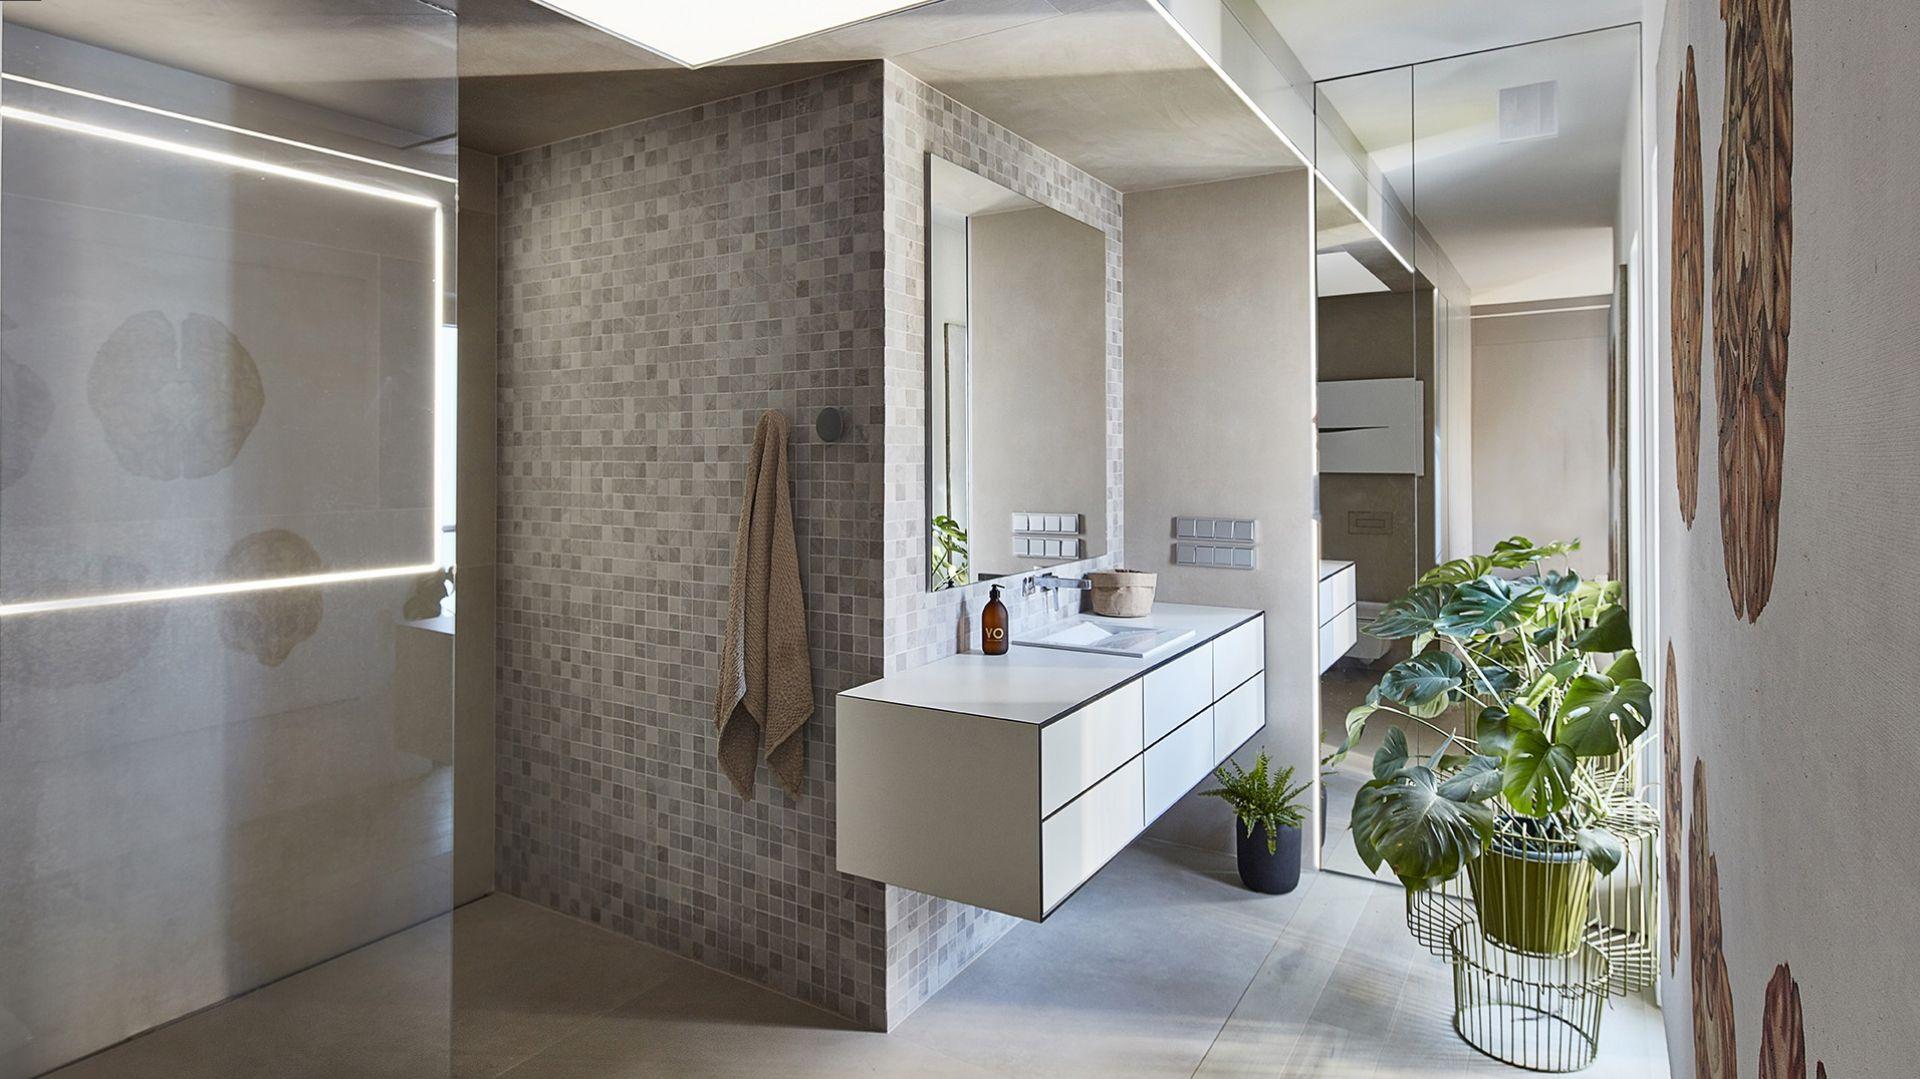 Łazienka połączona z sypialnią jest bardzo przestronna. Wyposażenie, czyli sanitariaty i kabina prysznicowa z odpływem w posadzce, znajdują się tylko po jednej stronie. Fot. 81.WAW.PL